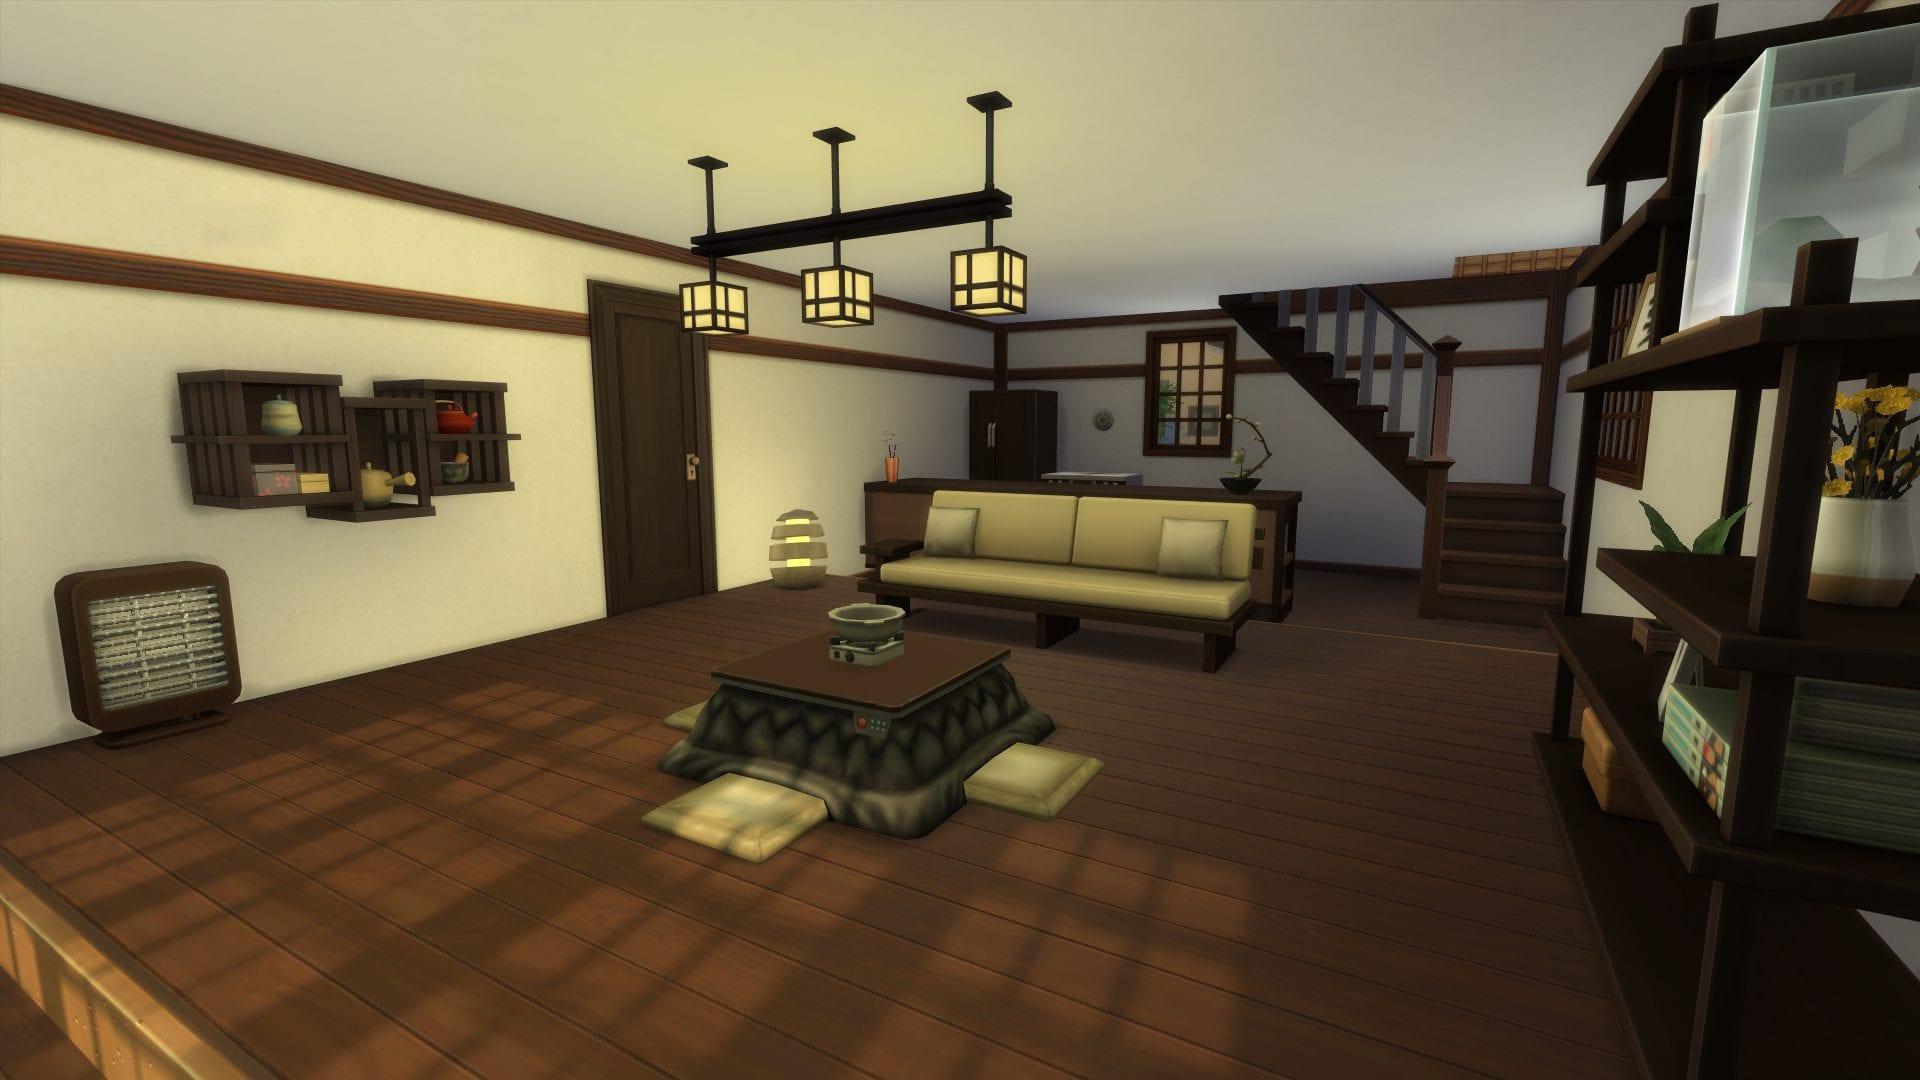 Sims 4 Schneeparadies Möbel Japanisch